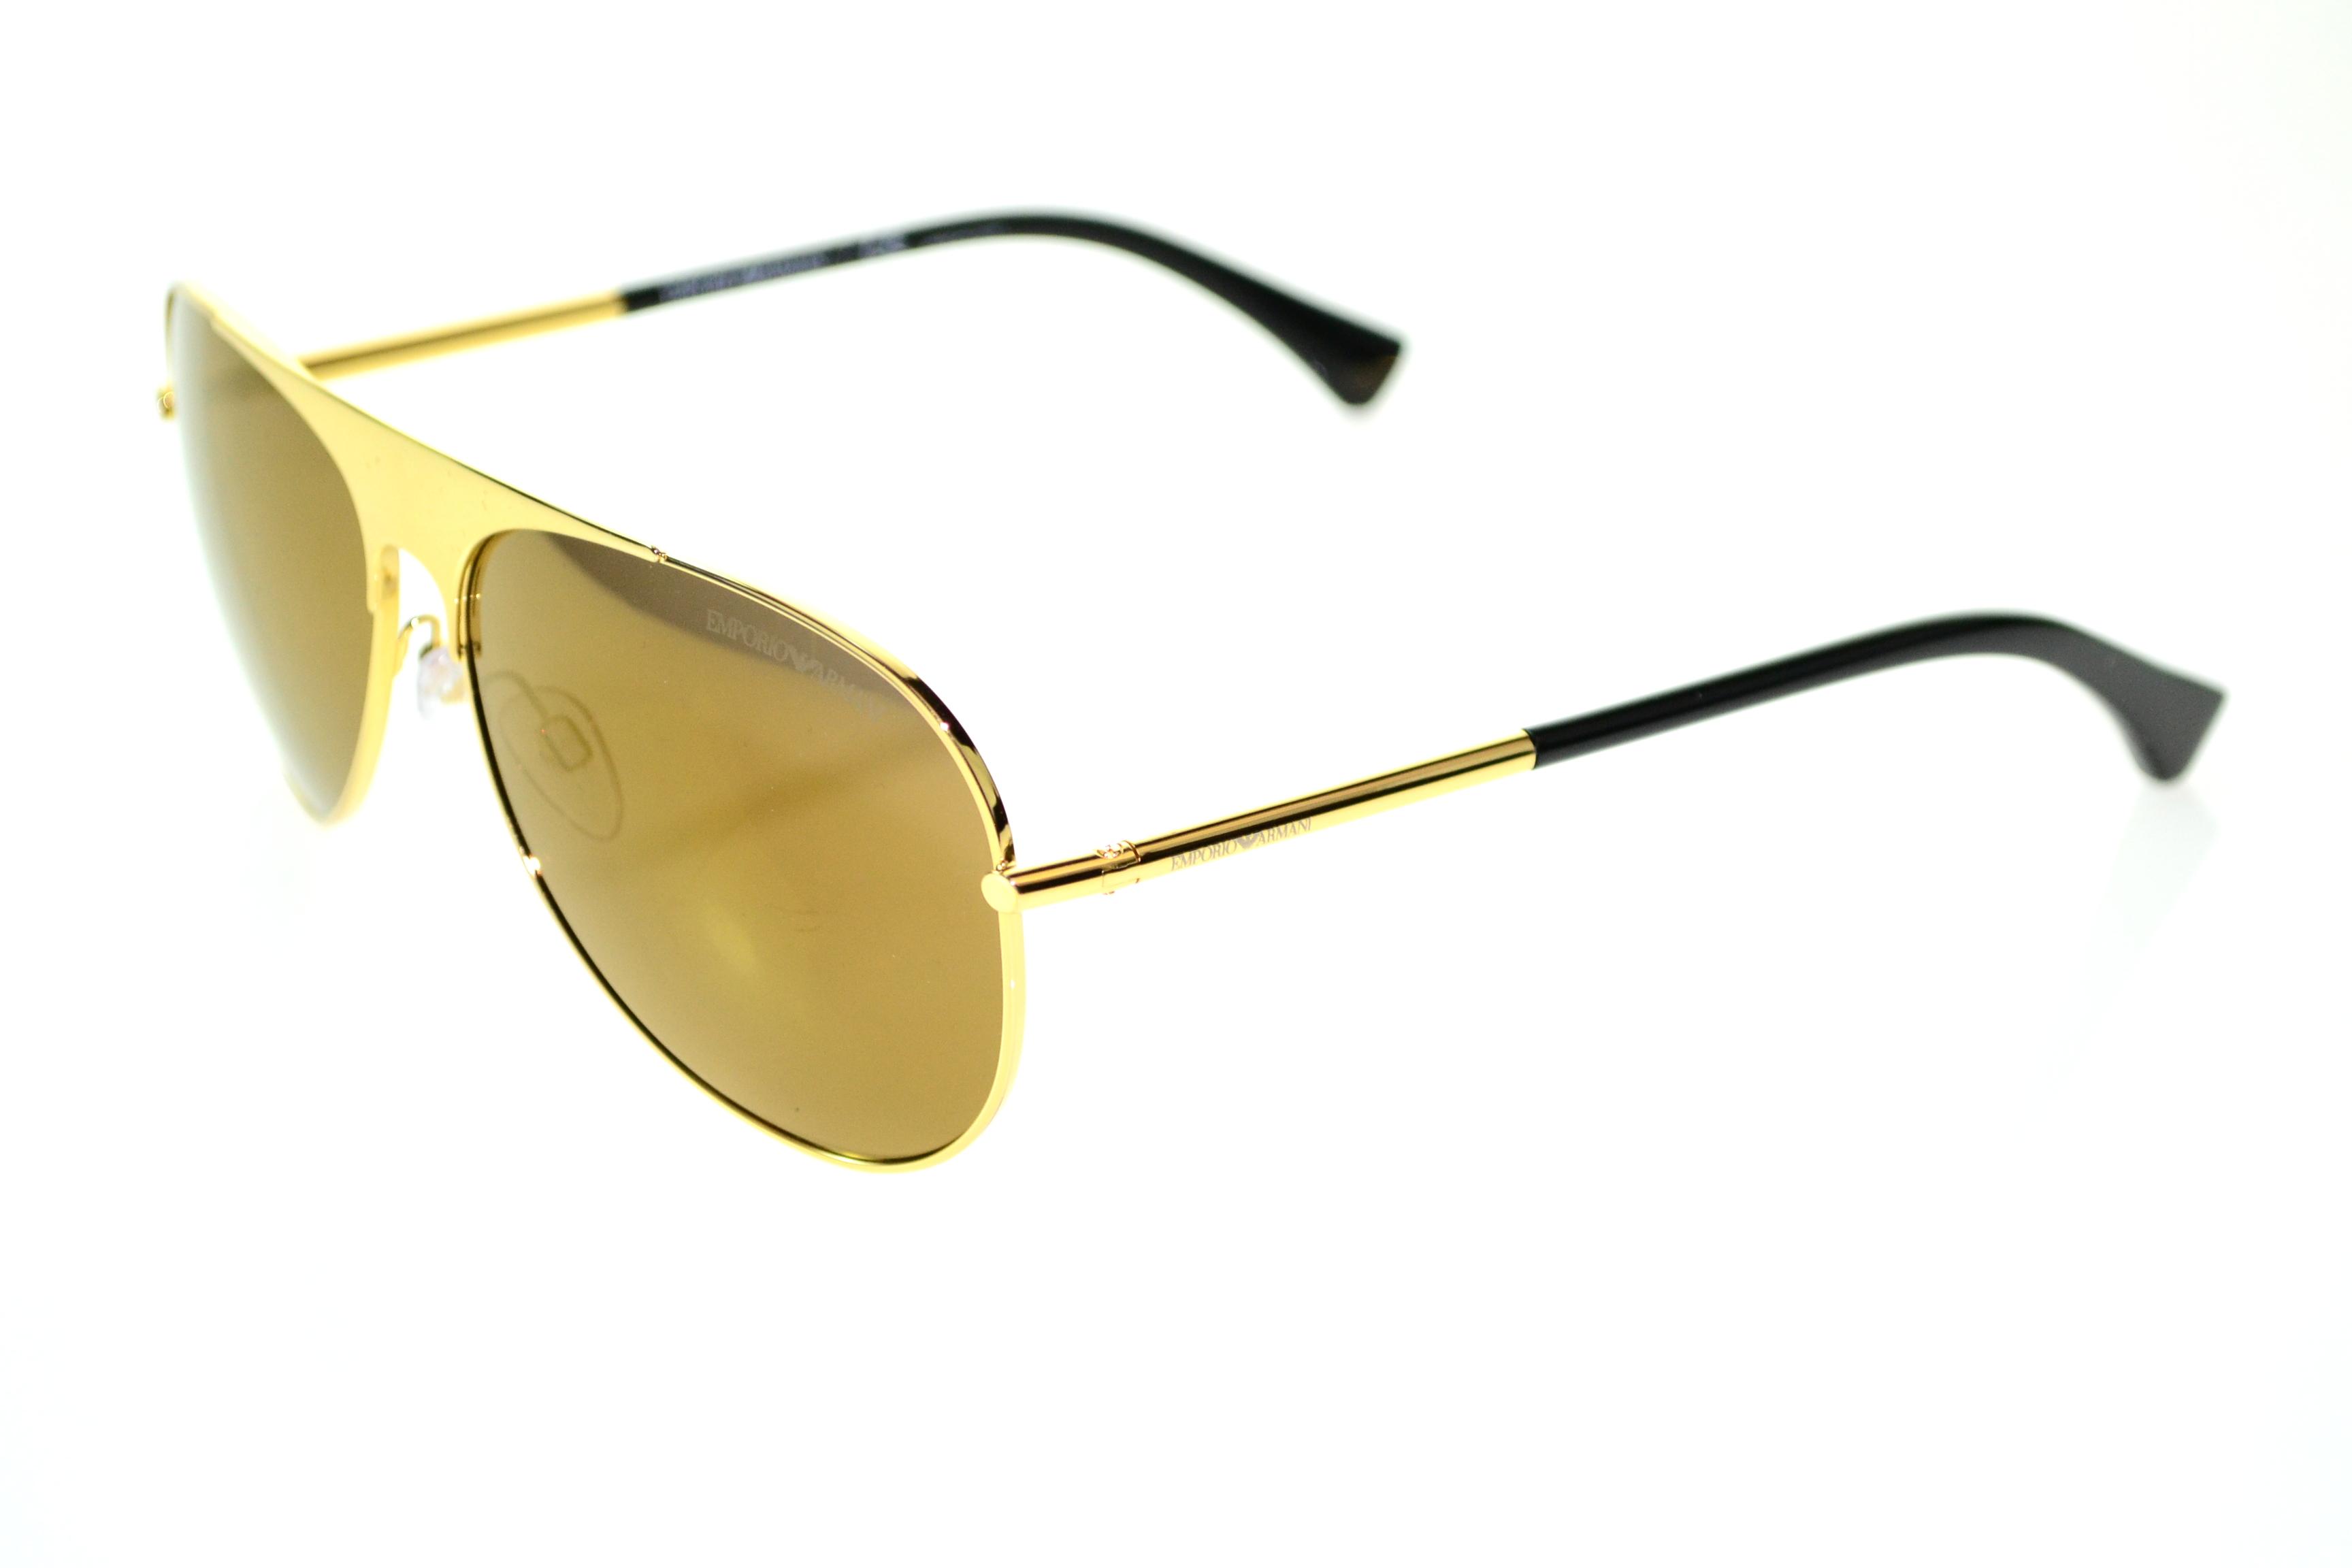 emporio armani sunglasses  emporio armani